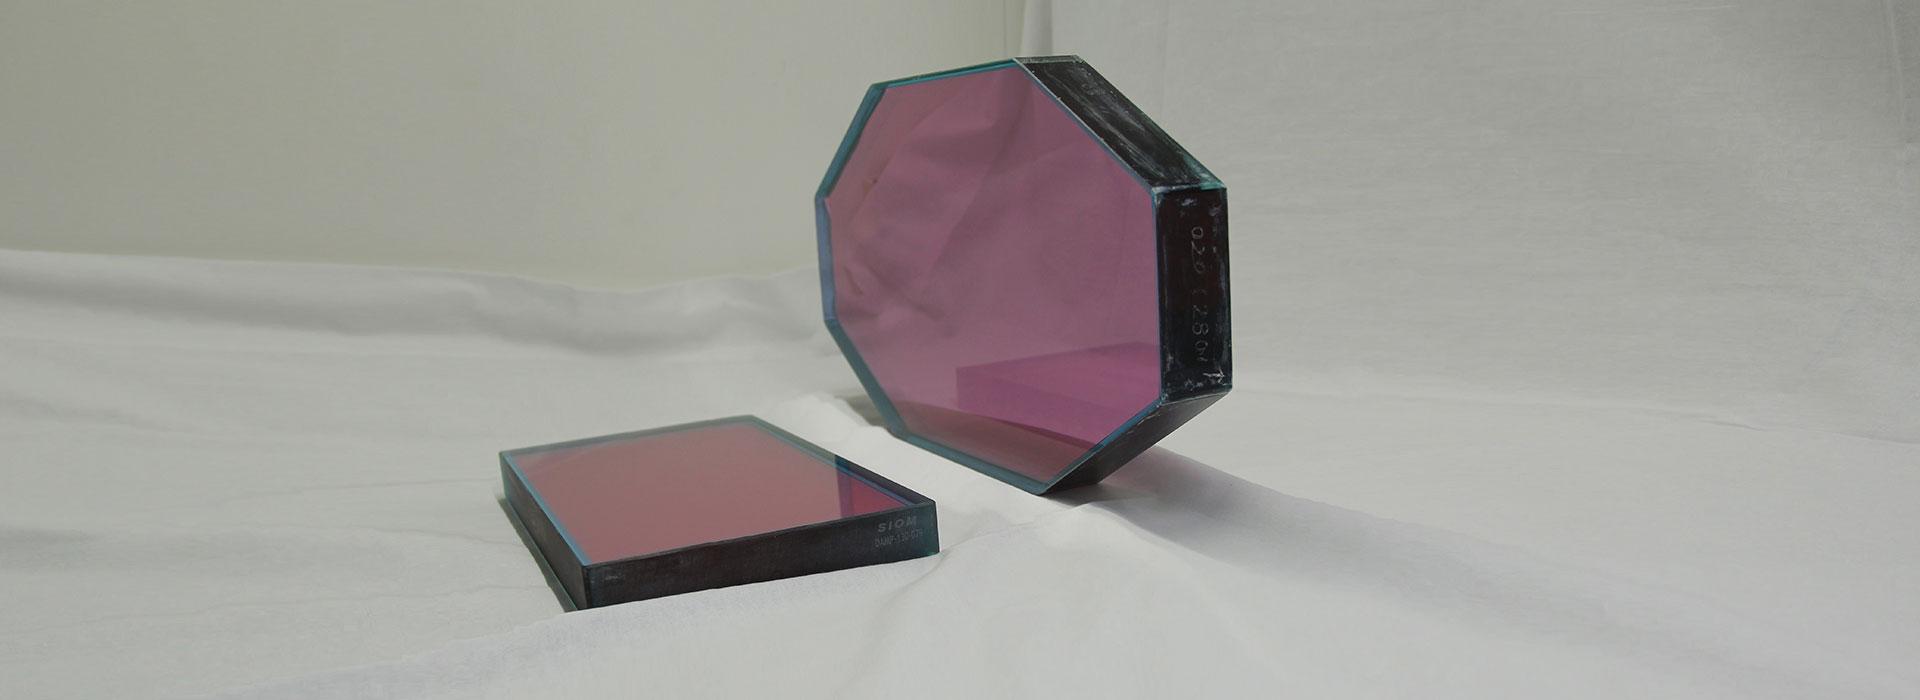 钕玻璃-N41-激光玻璃-南京光宝-CRYLINK